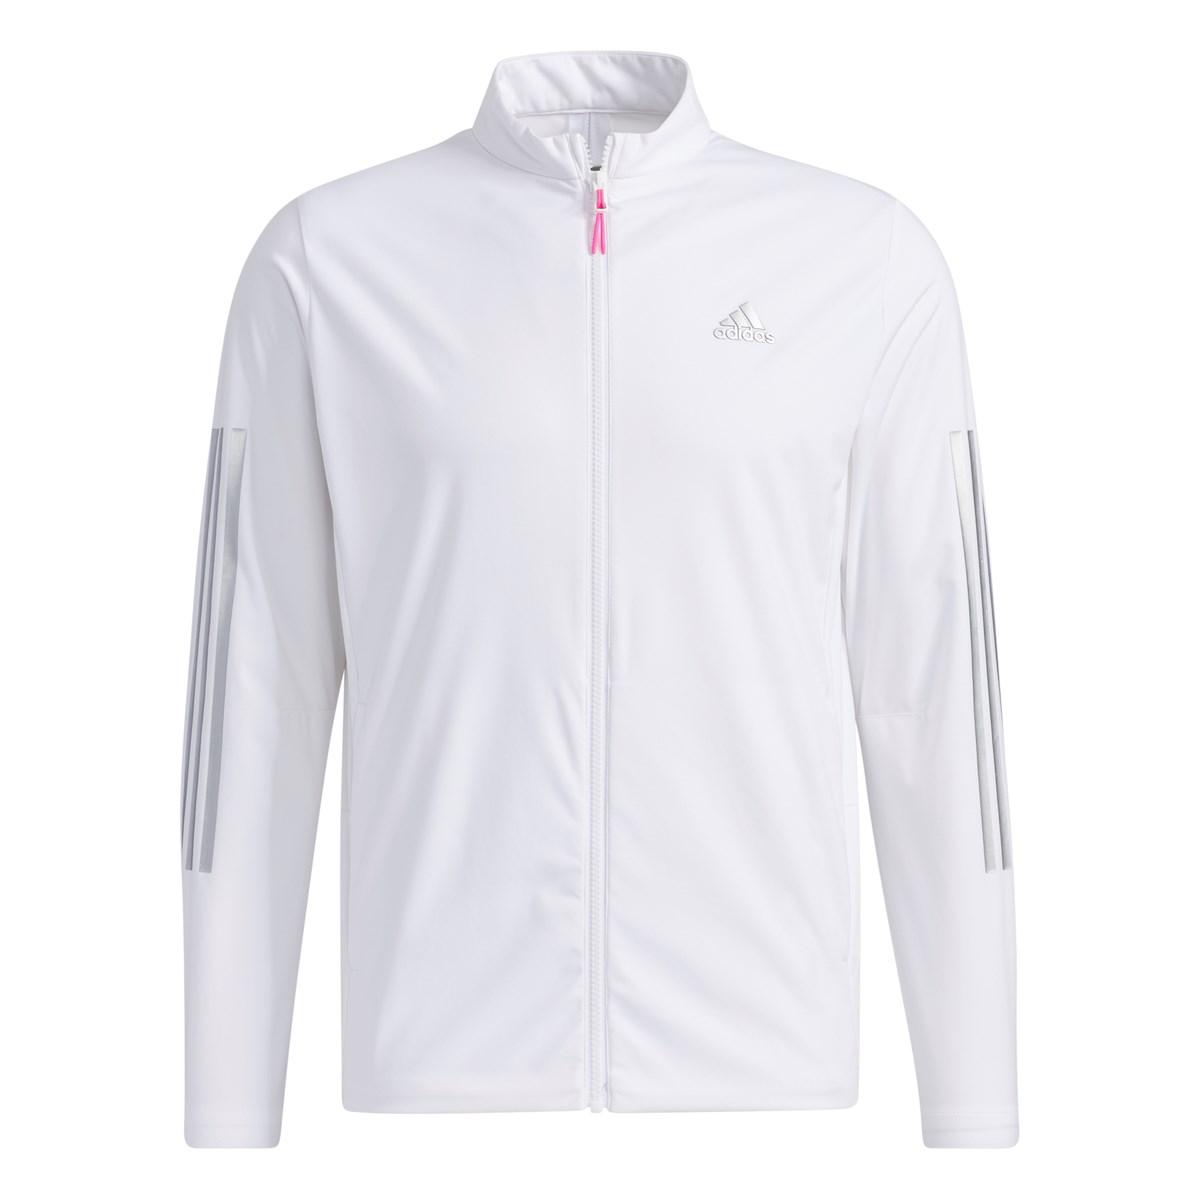 アディダス Adidas スリーレイヤー ストレッチ長袖フルジップウインドジャケット J/L ホワイト